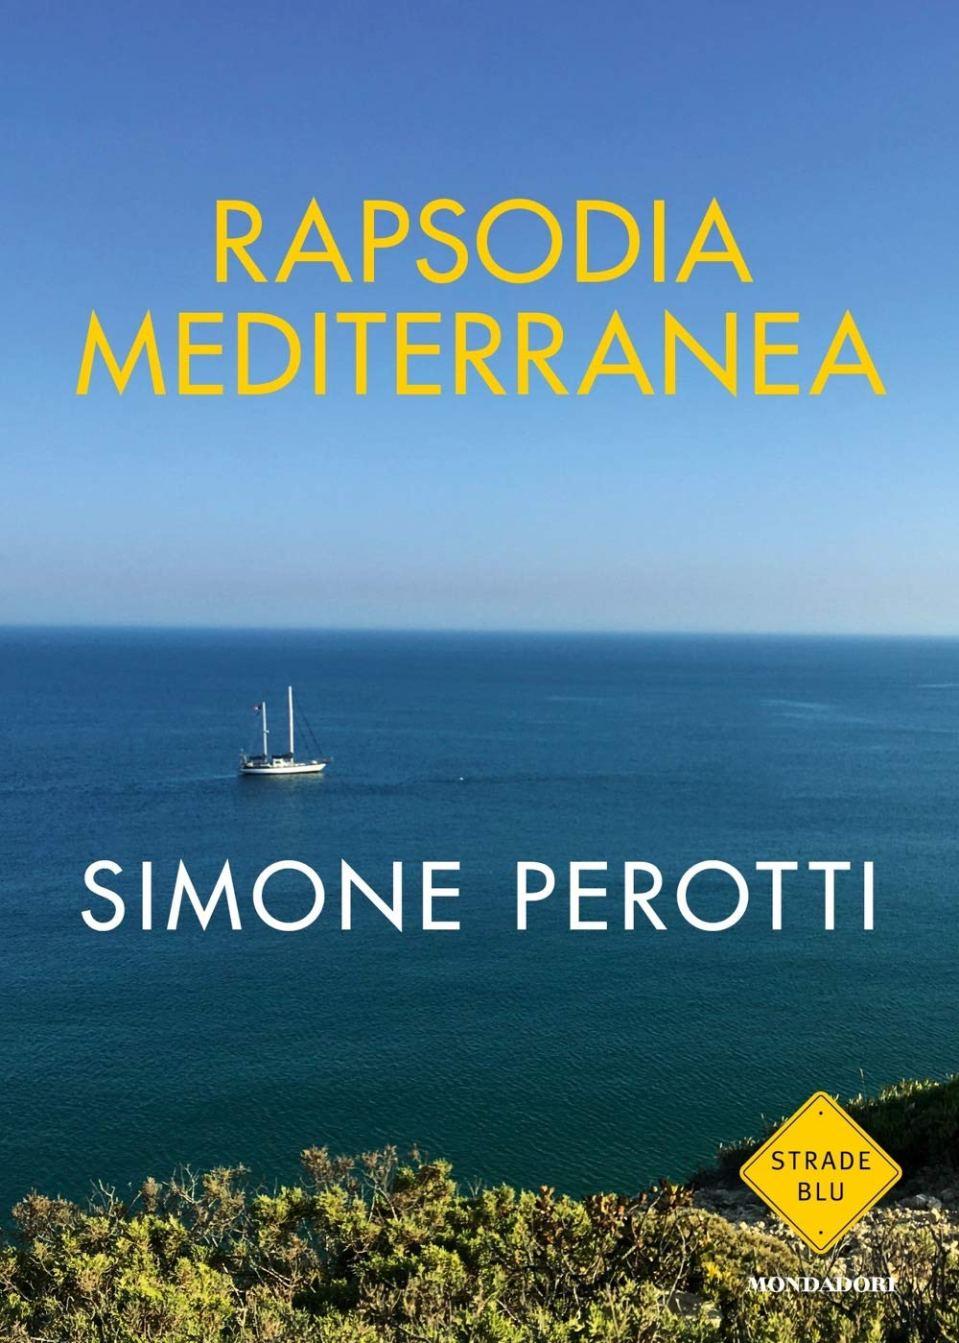 Rapsodia Mediterranea Book Cover